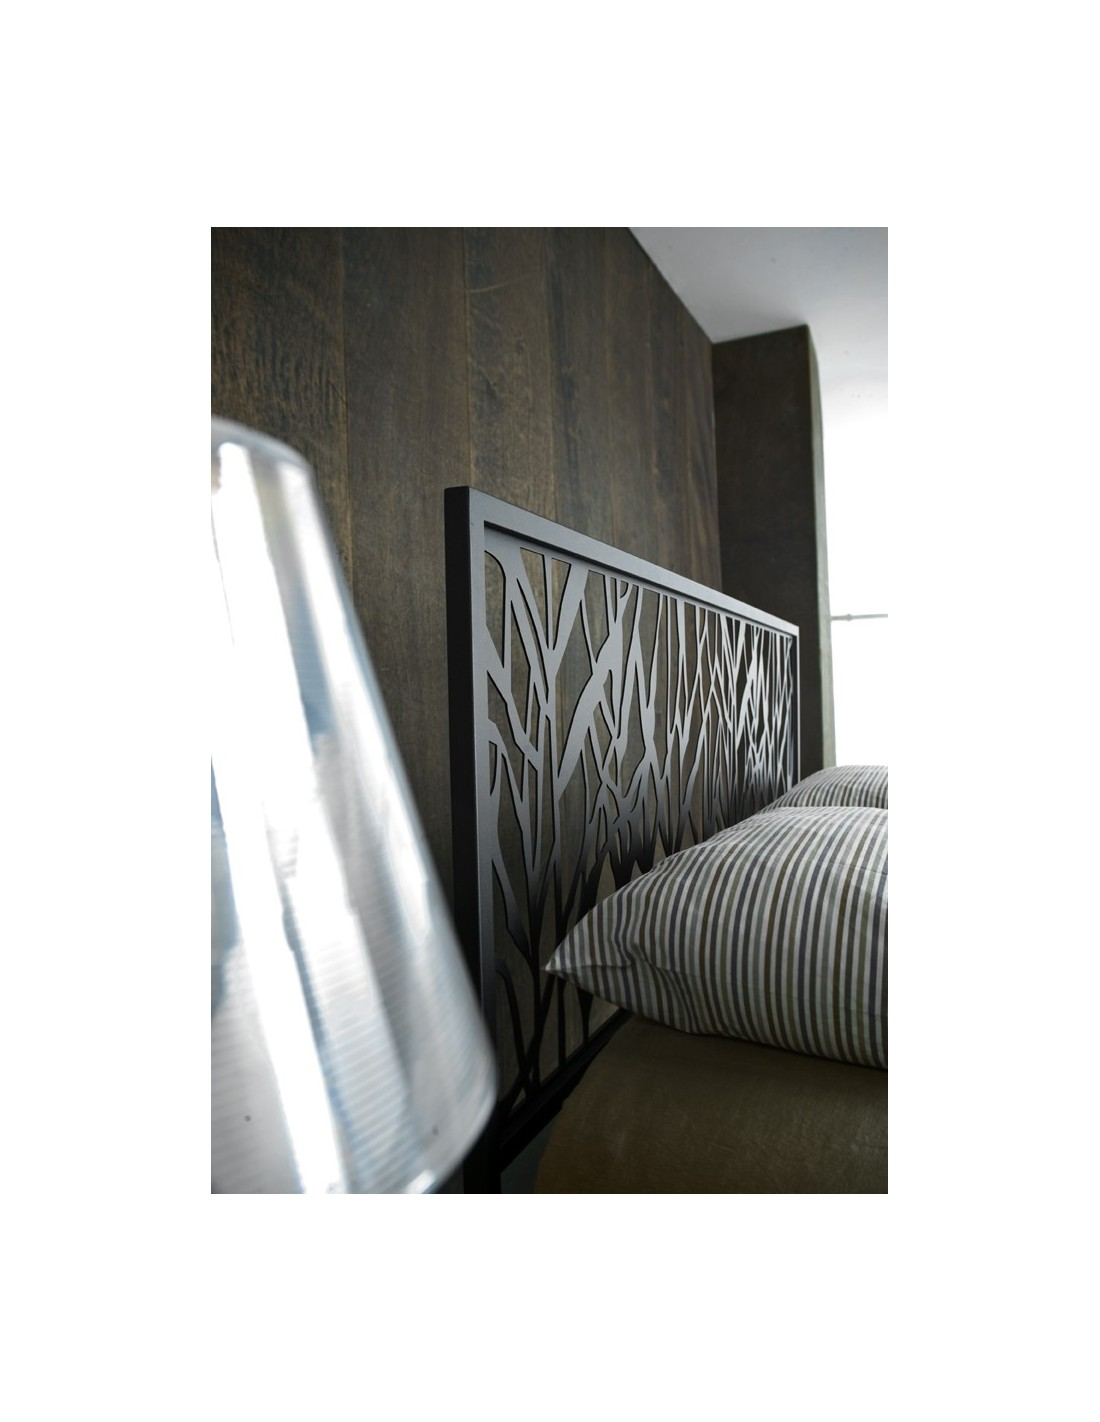 Cosatto Green letto in ferro battuto prezzi in offerta colori anticati